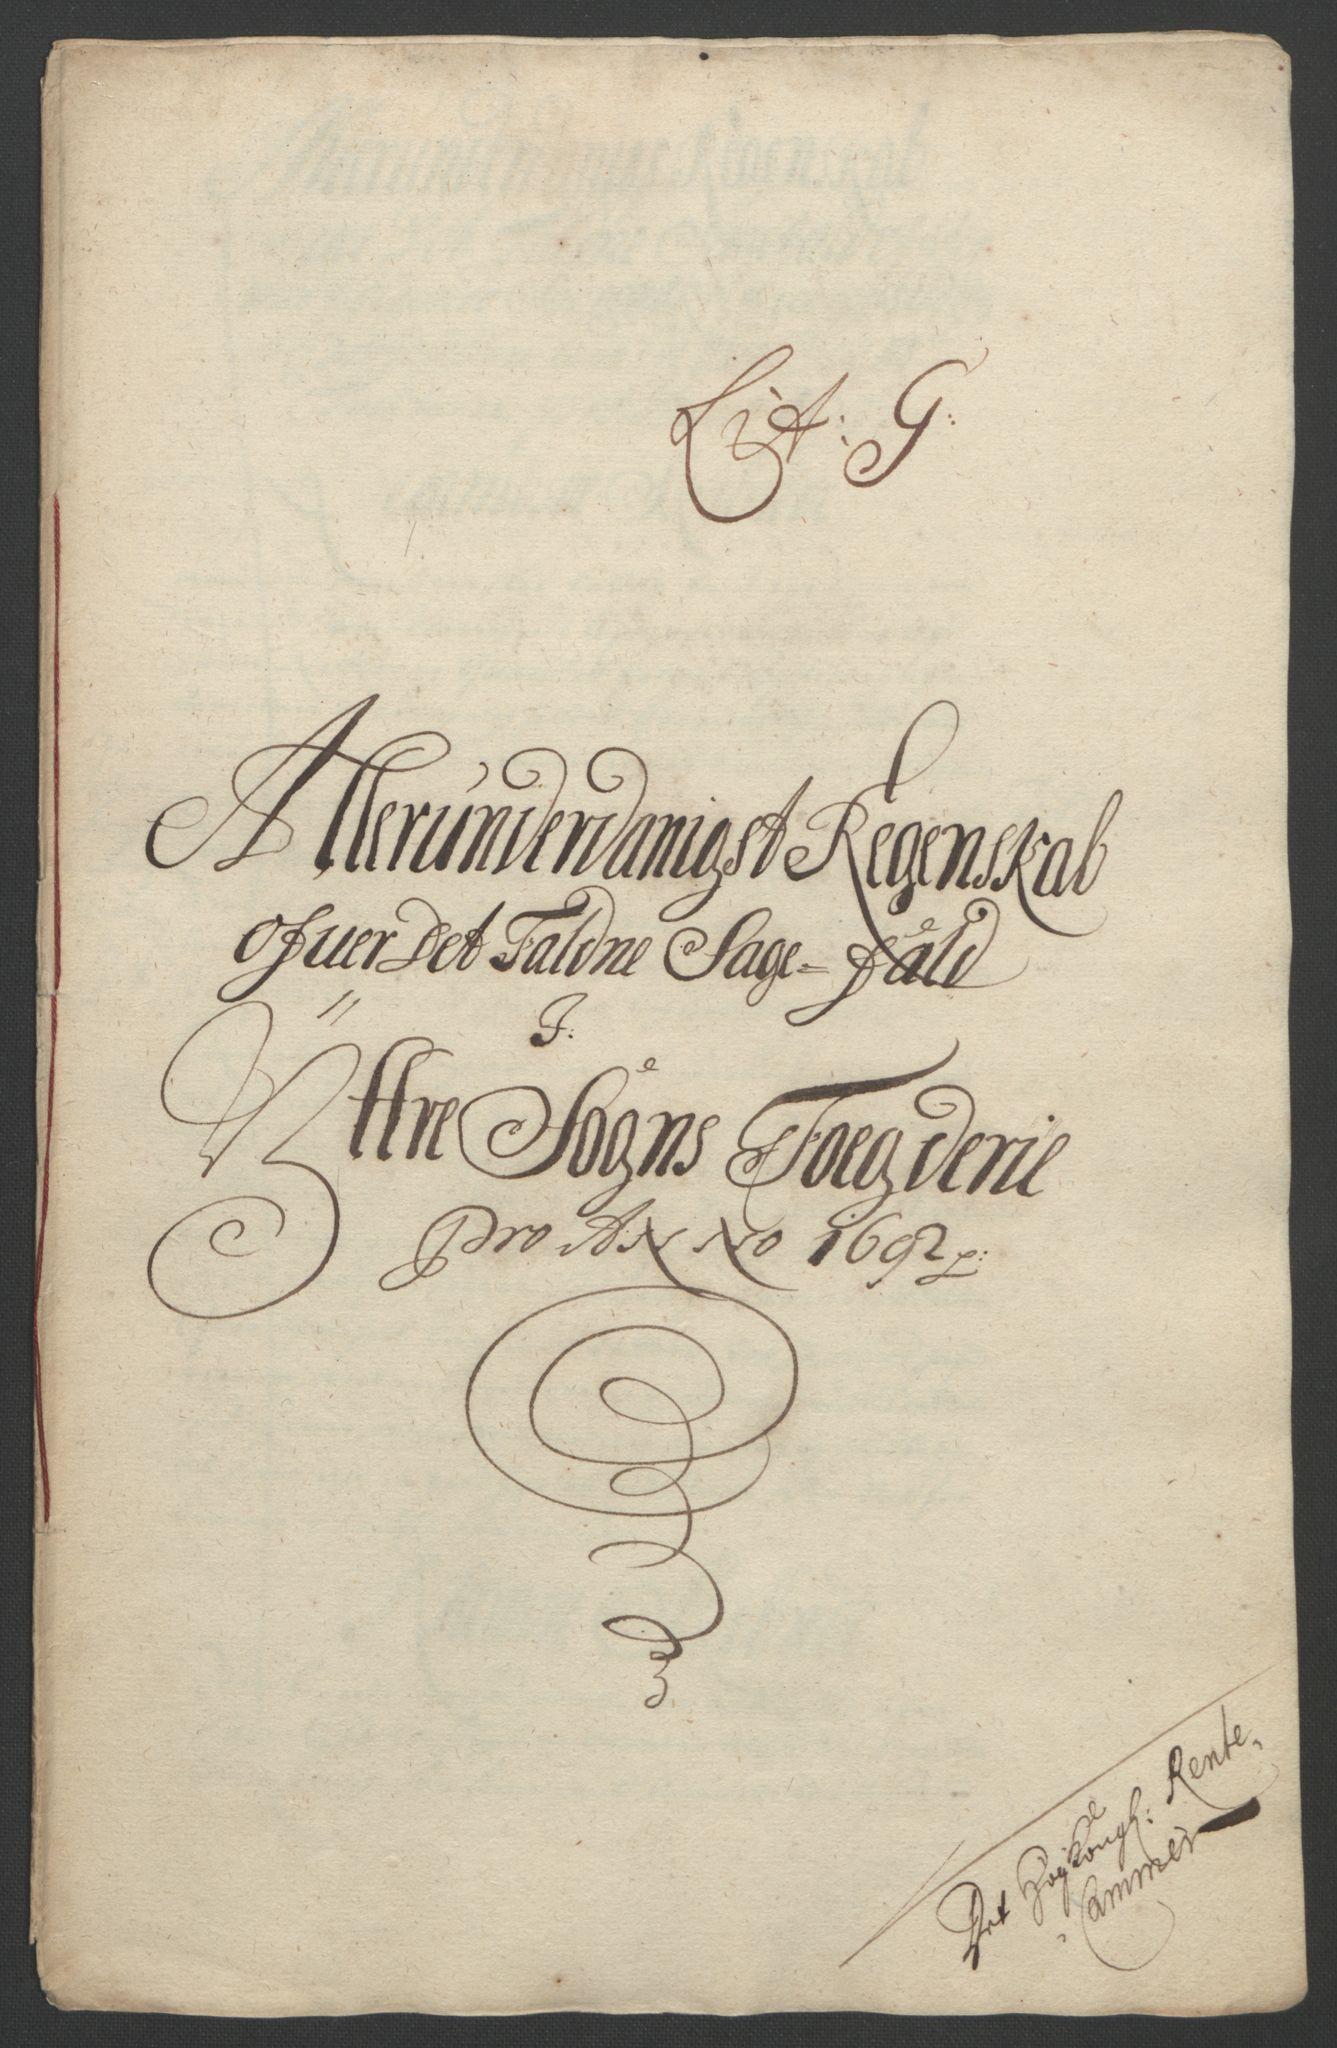 RA, Rentekammeret inntil 1814, Reviderte regnskaper, Fogderegnskap, R52/L3306: Fogderegnskap Sogn, 1691-1692, s. 358